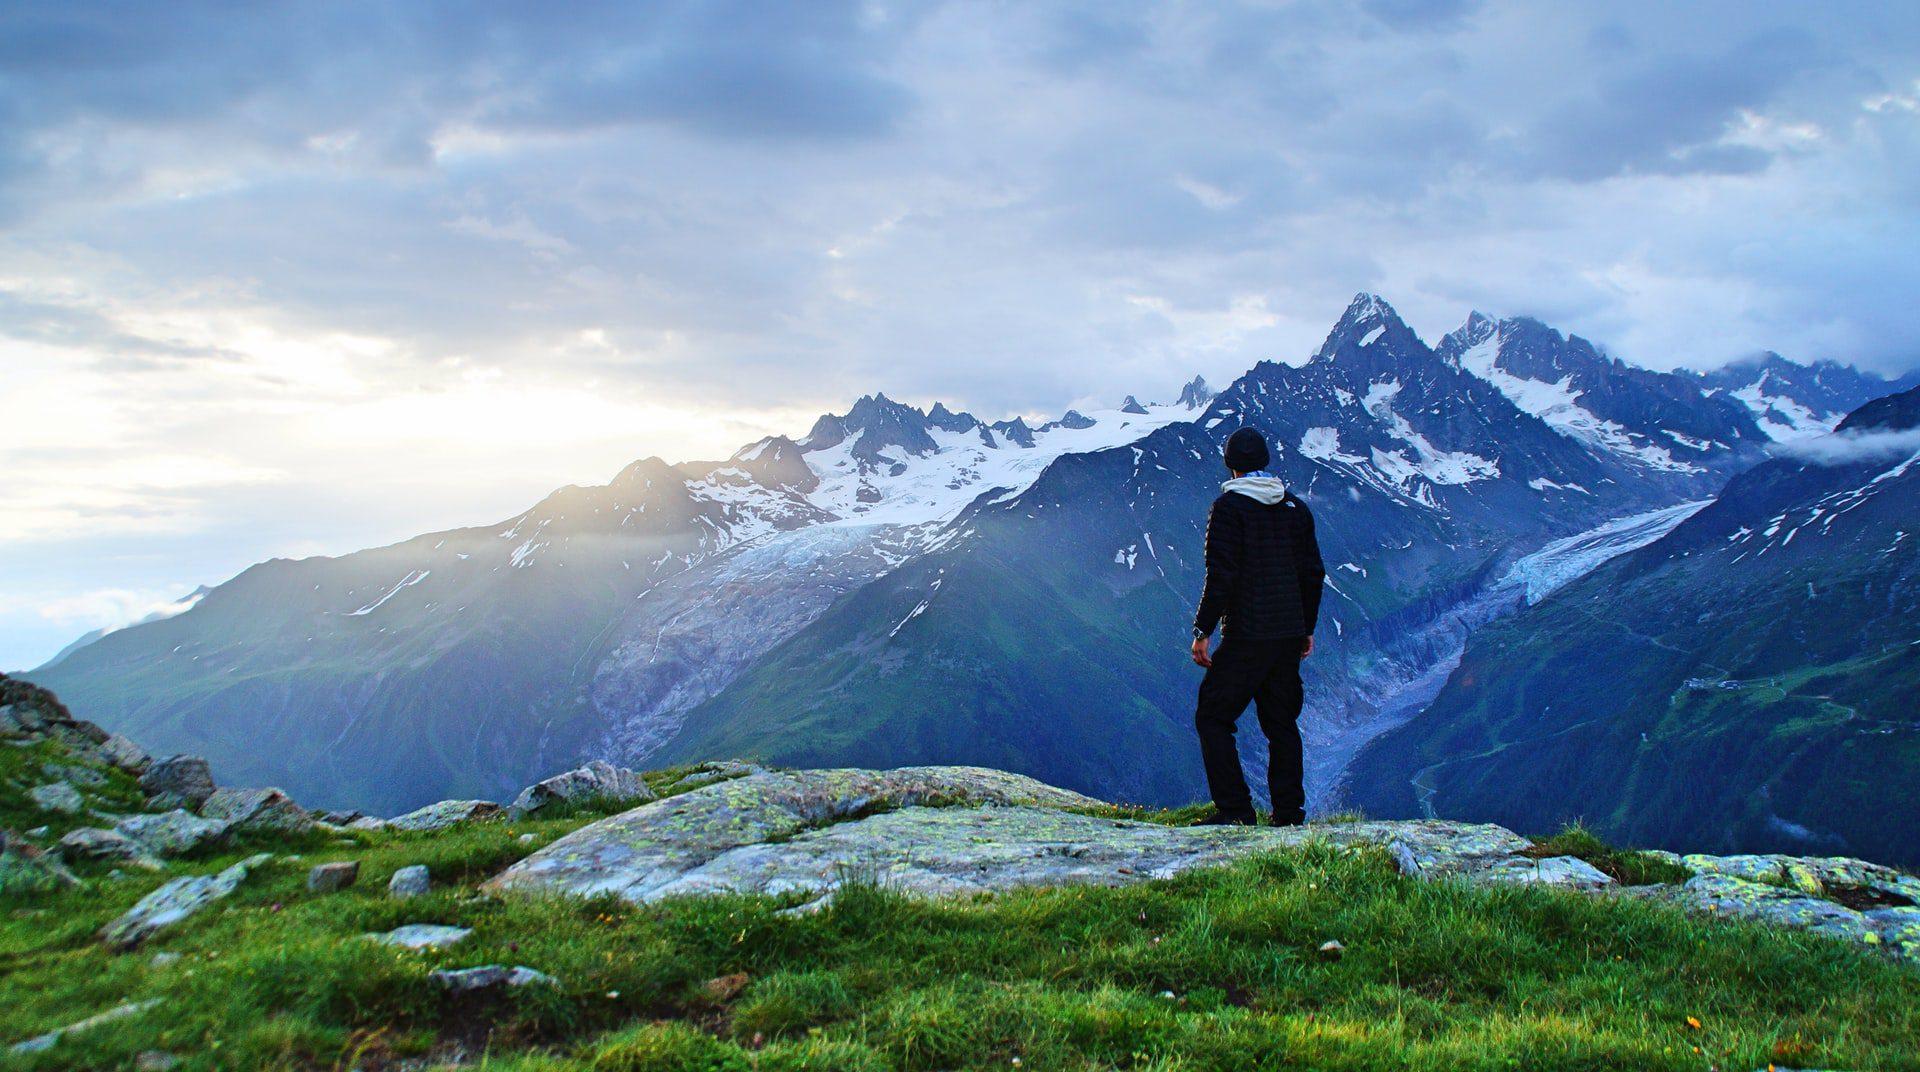 Découvrir Chamonix au-delà du ski et des montagnes